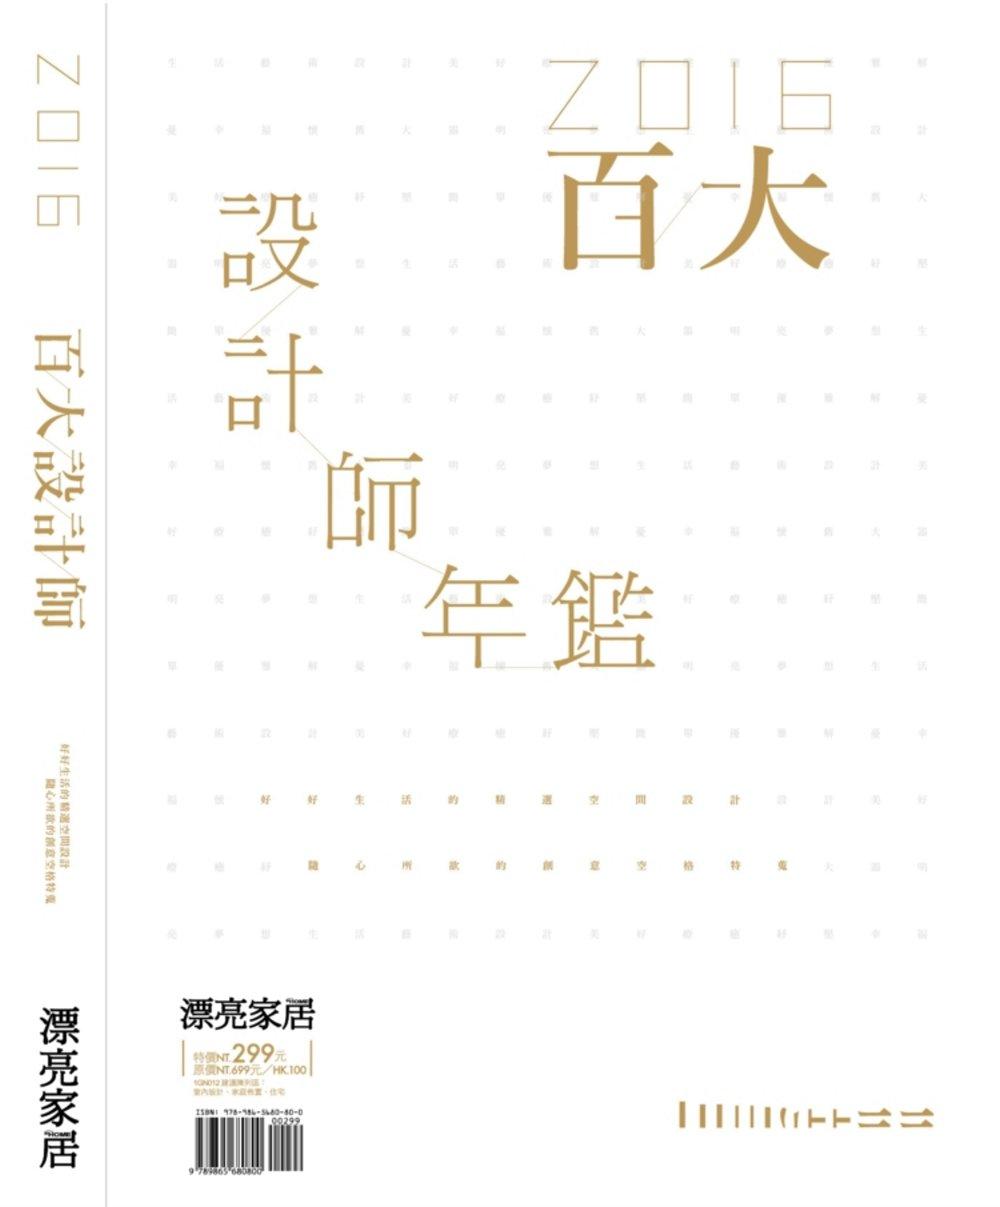 2016百大設計師年鑑